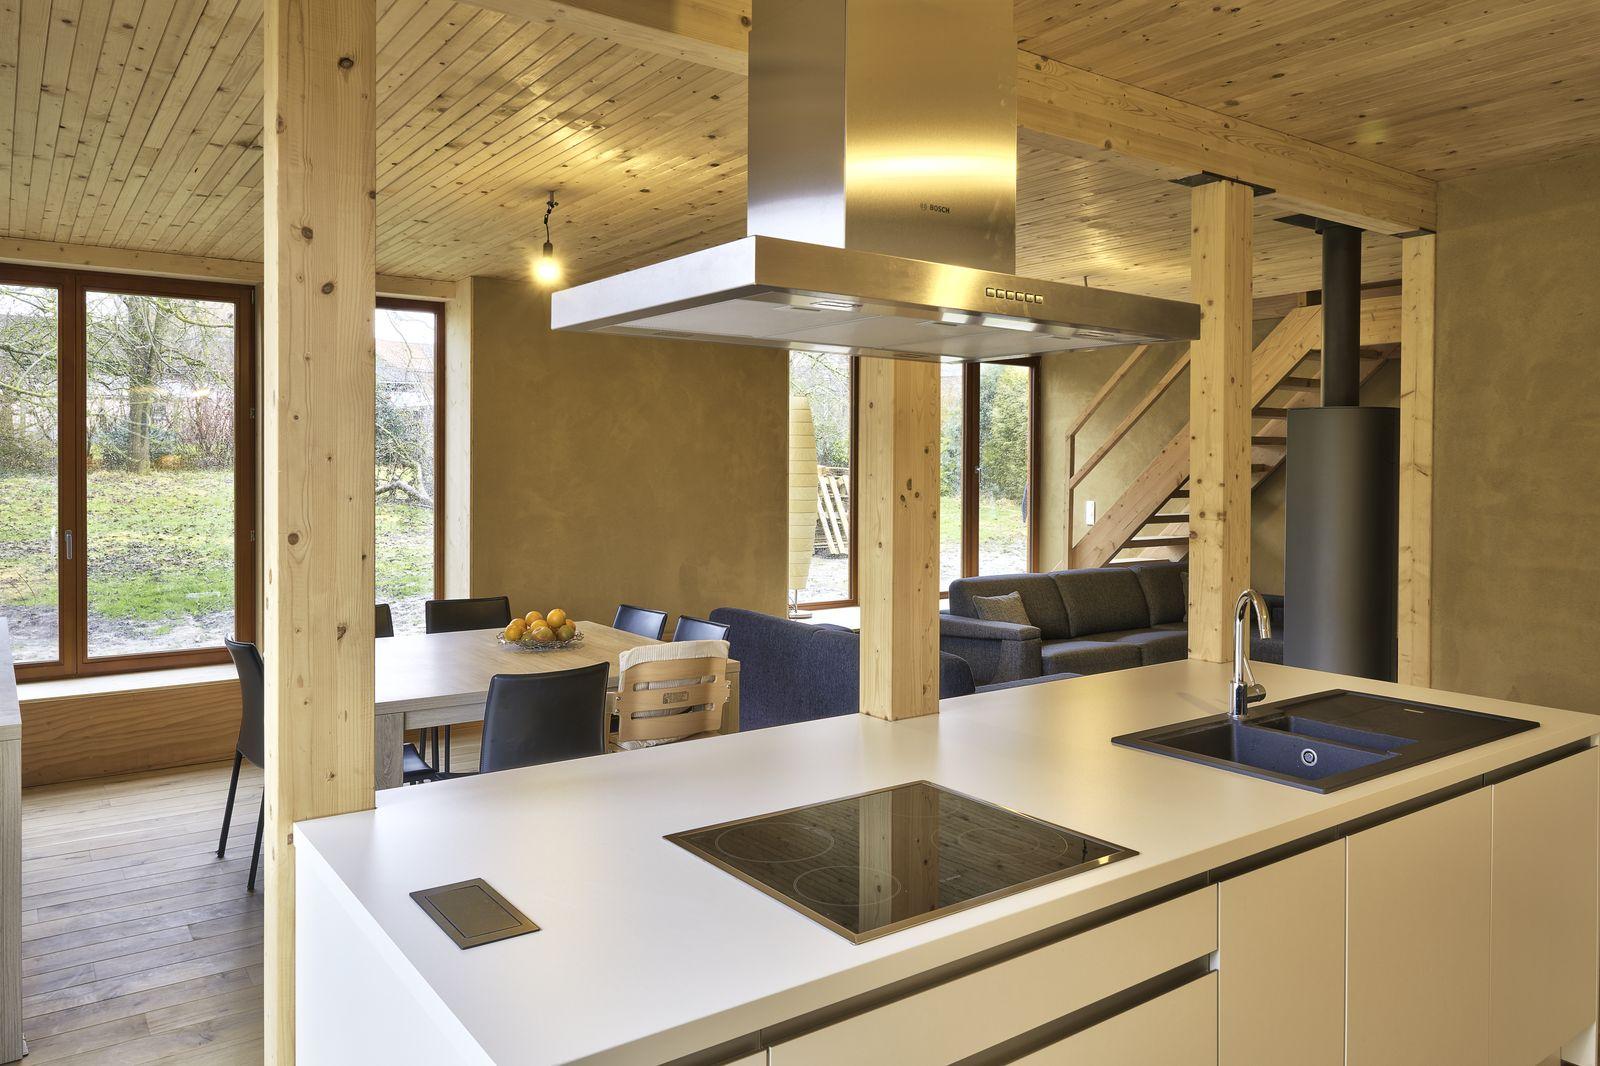 paille tech gentinnes maison optimale1 ossature bois paille terre promo 11. Black Bedroom Furniture Sets. Home Design Ideas